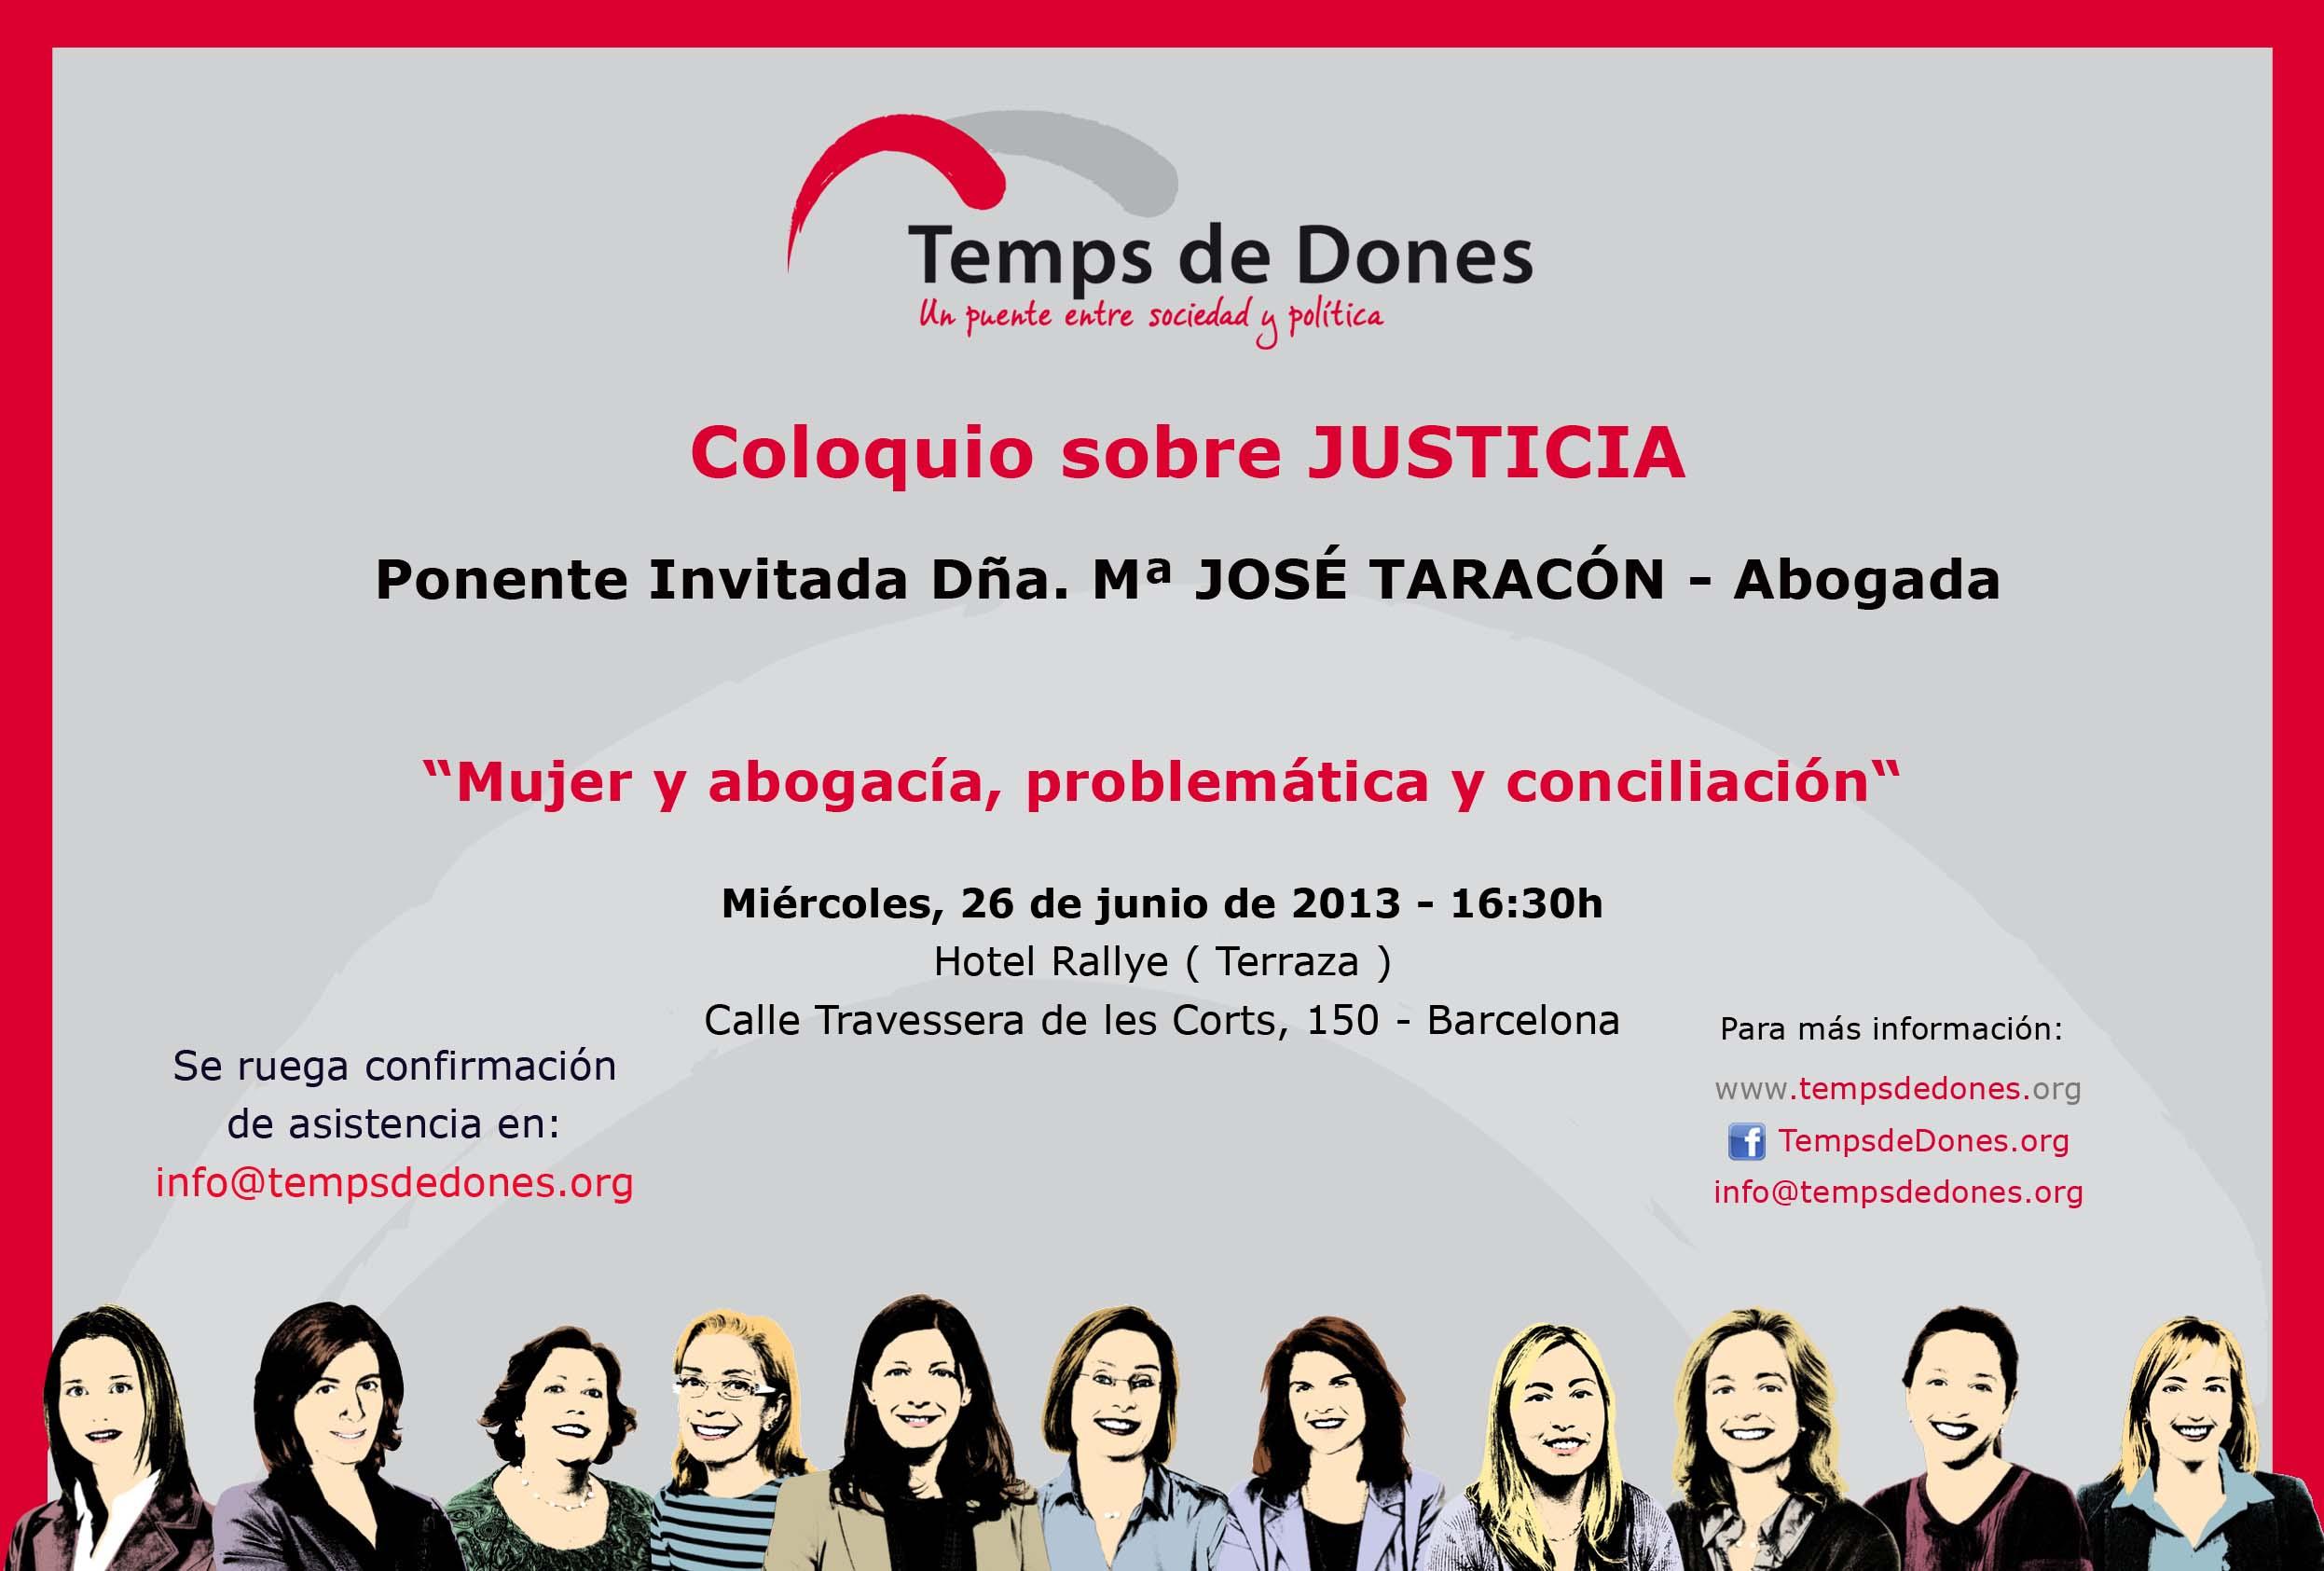 Invitacion_TempsdeDones Coloquio JUSTICIA 26.06